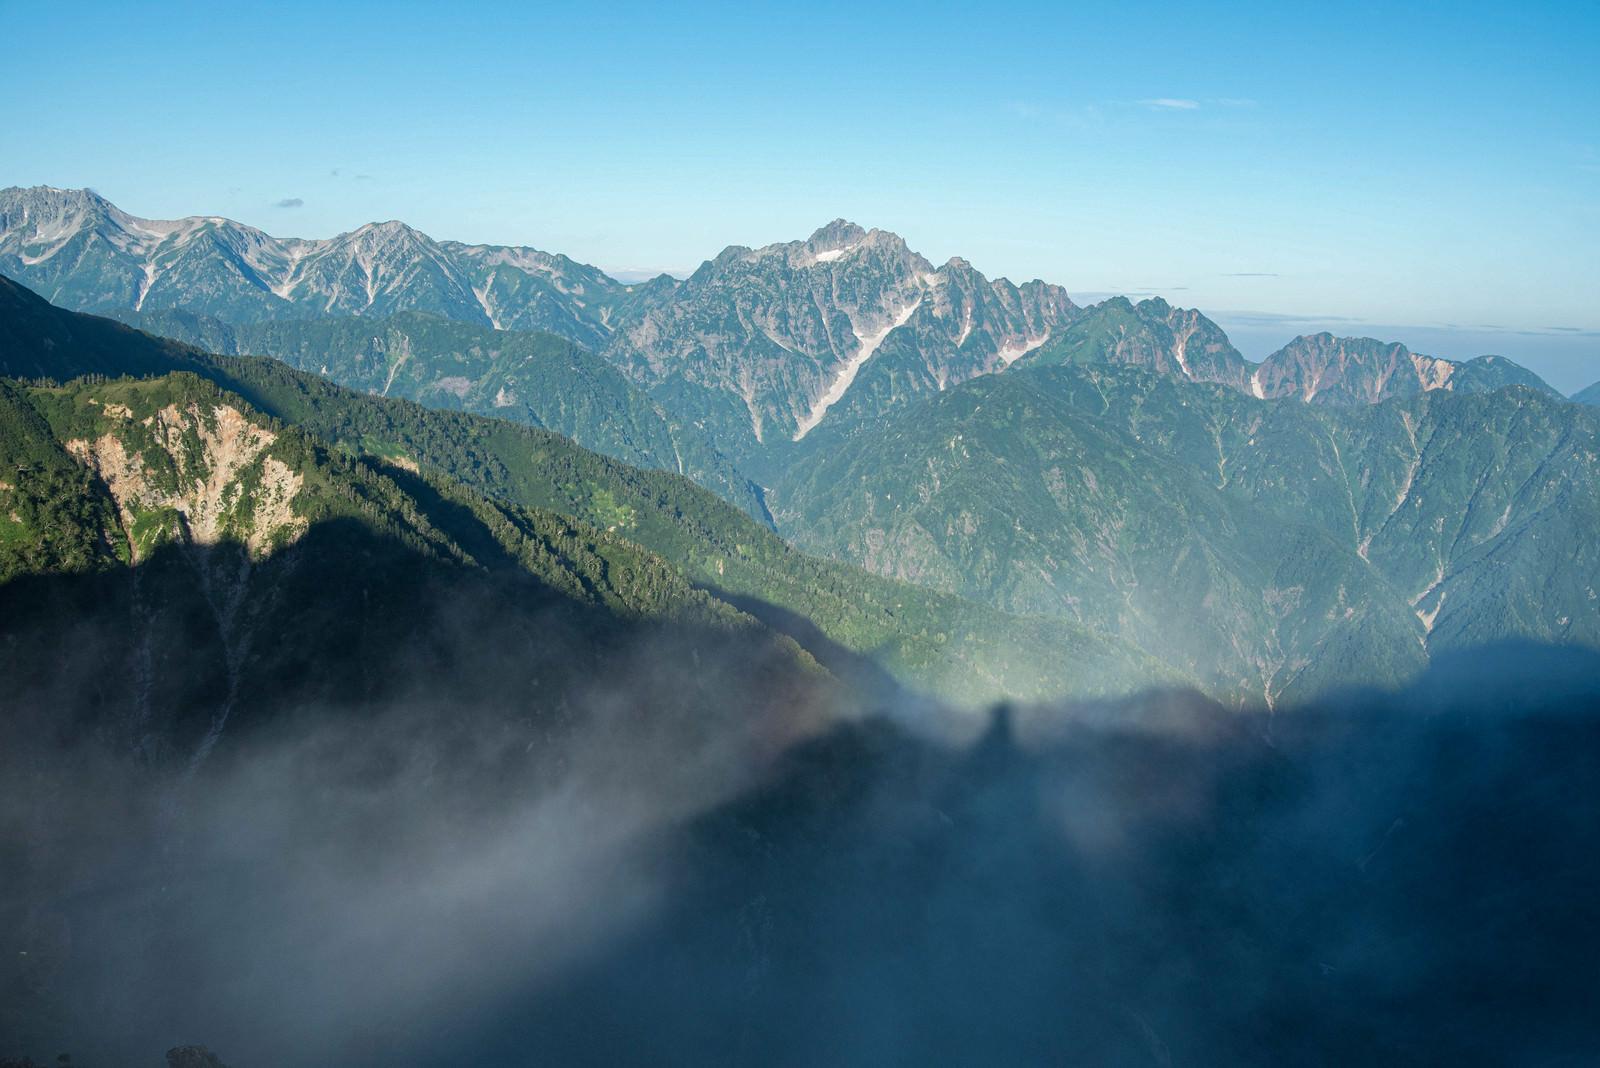 「尾根に伸びる登山者の影」の写真